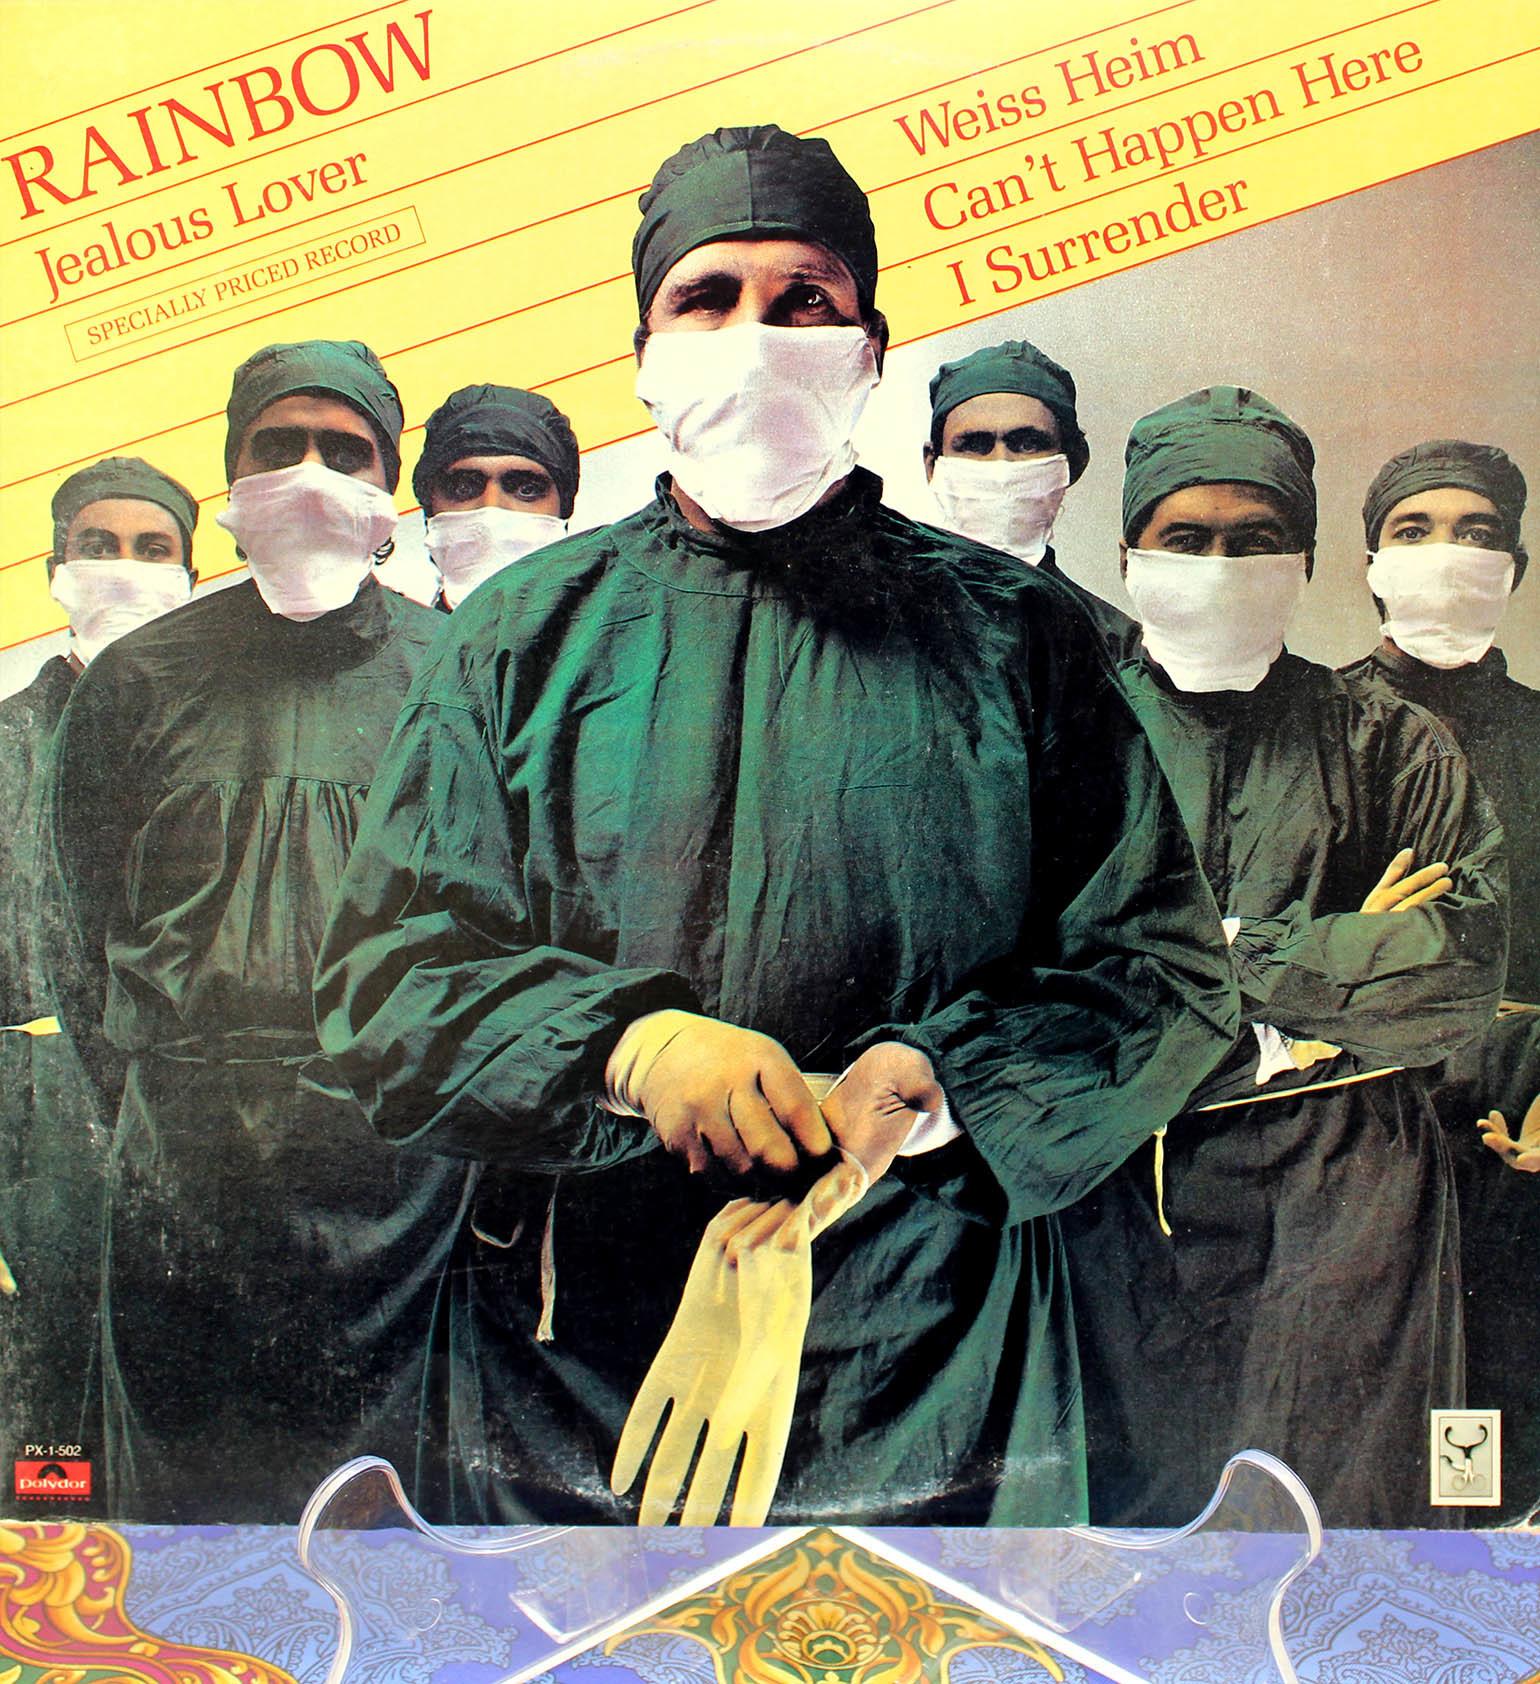 Rainbow - I Surrender 01